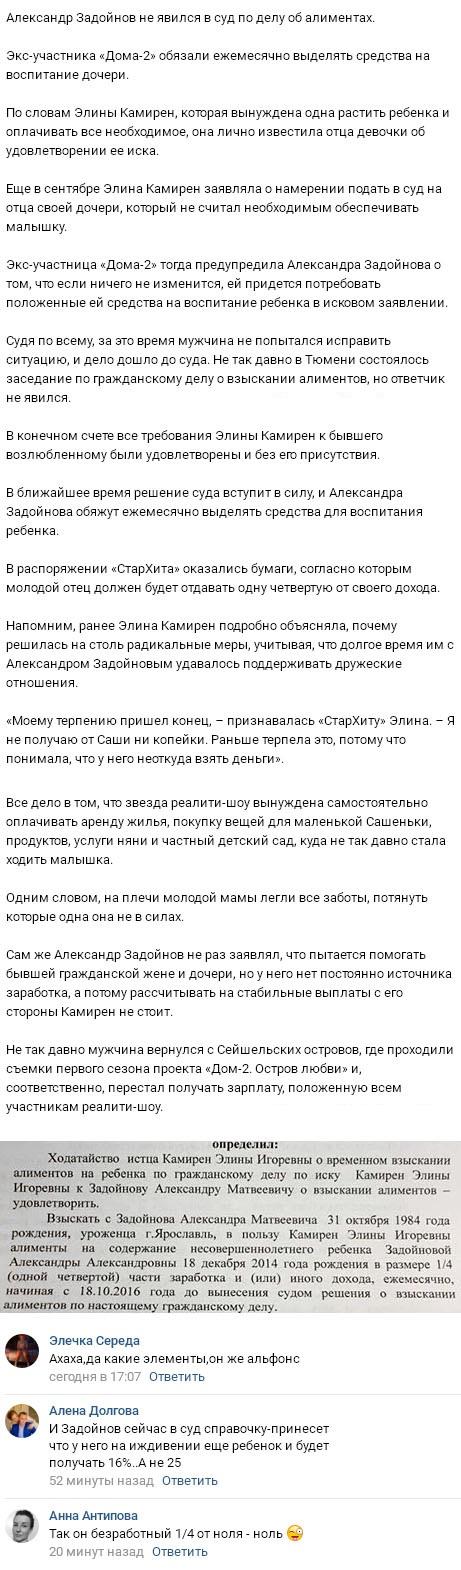 Вердикт по делу Александра Задойнова и Элины Карякиной